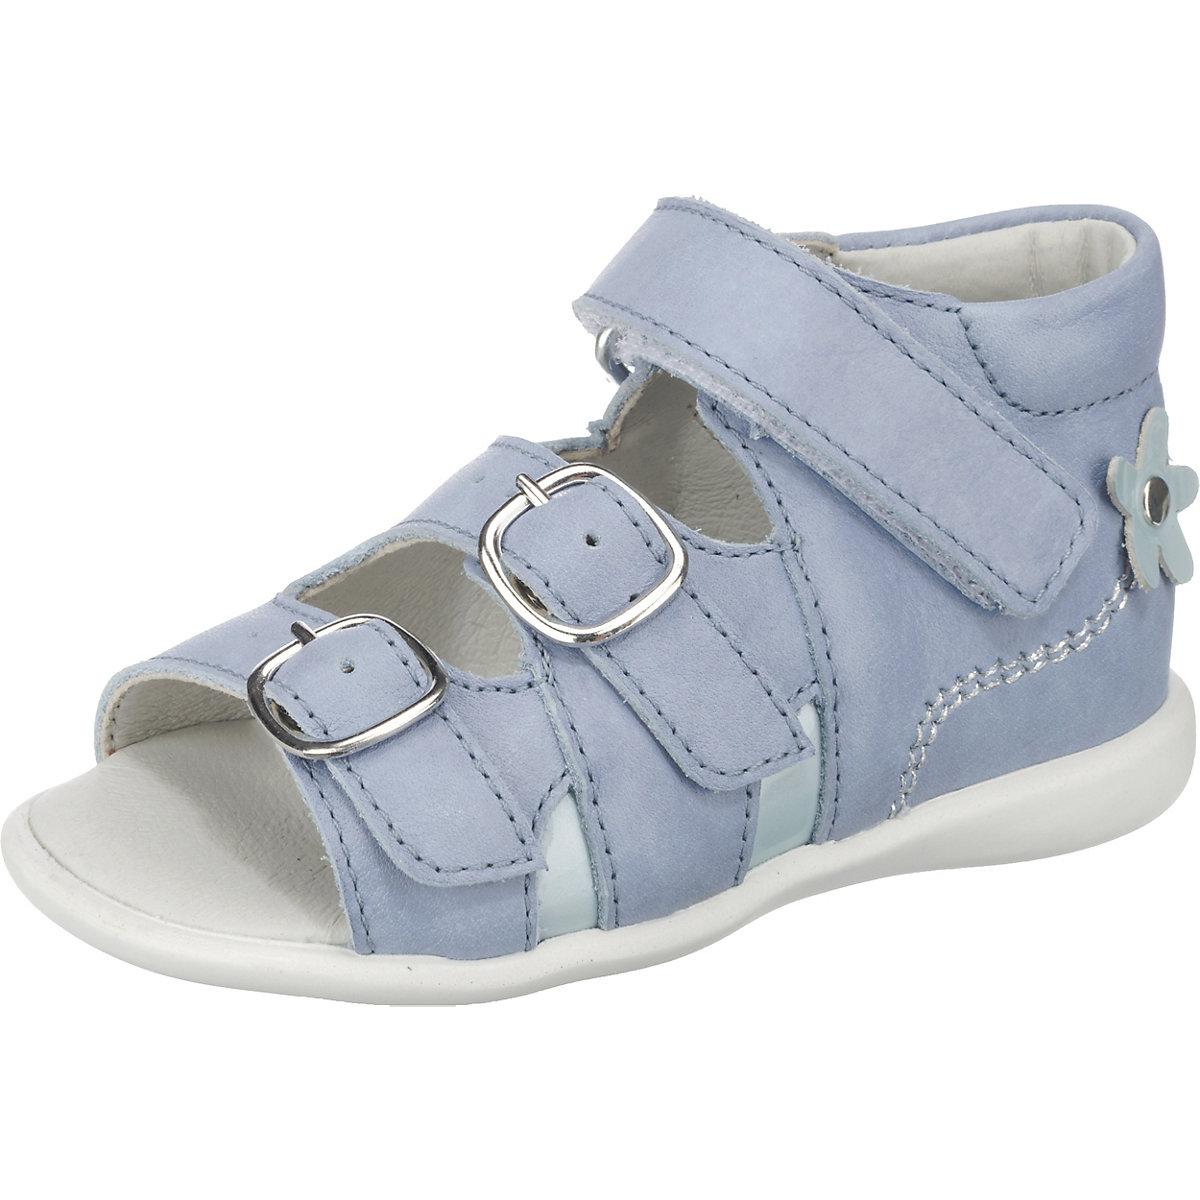 Crocs Für Schmale Füße